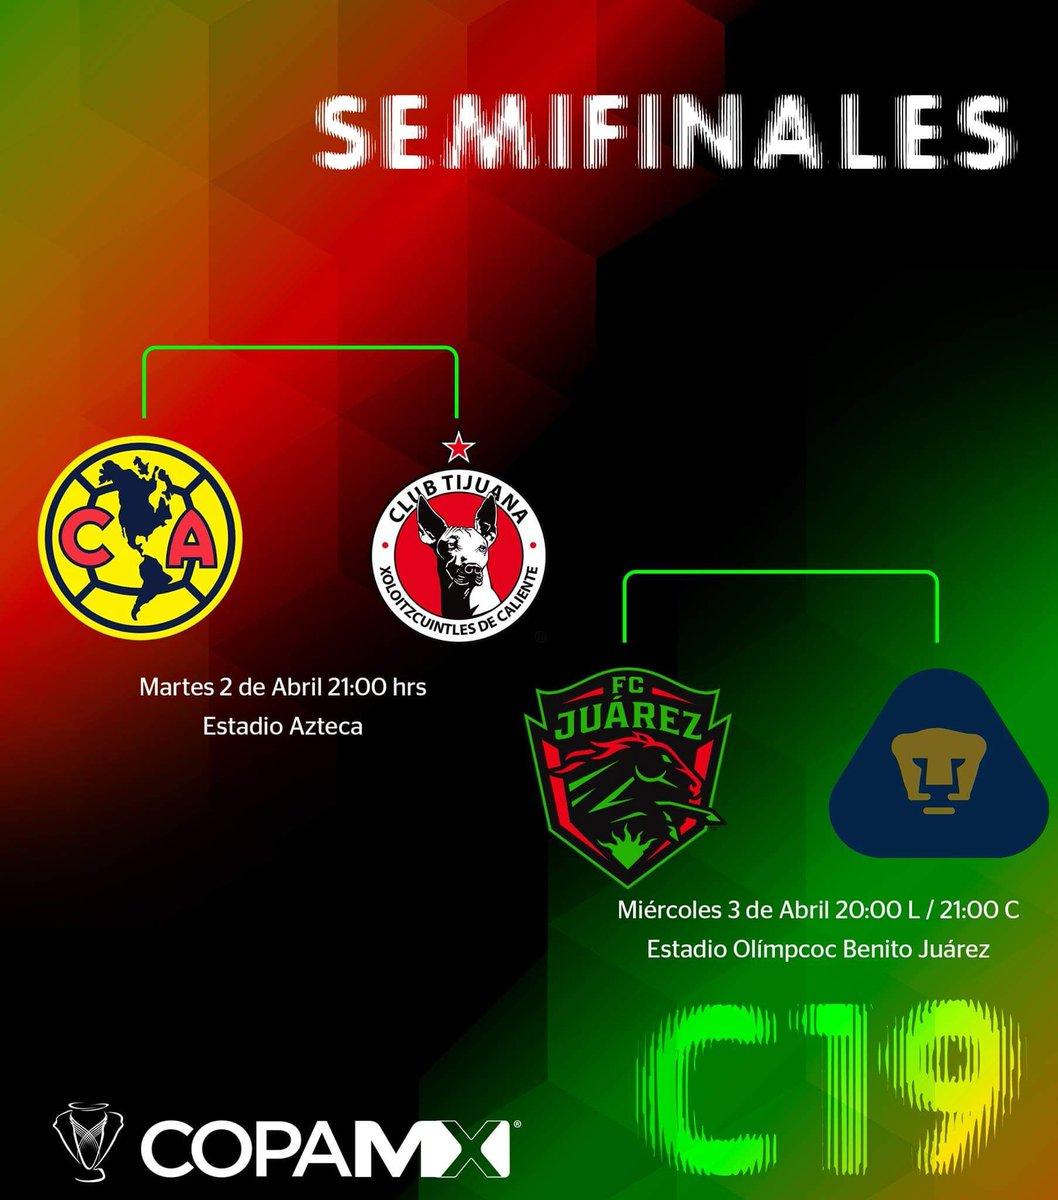 Megacable's photo on #CopaMX